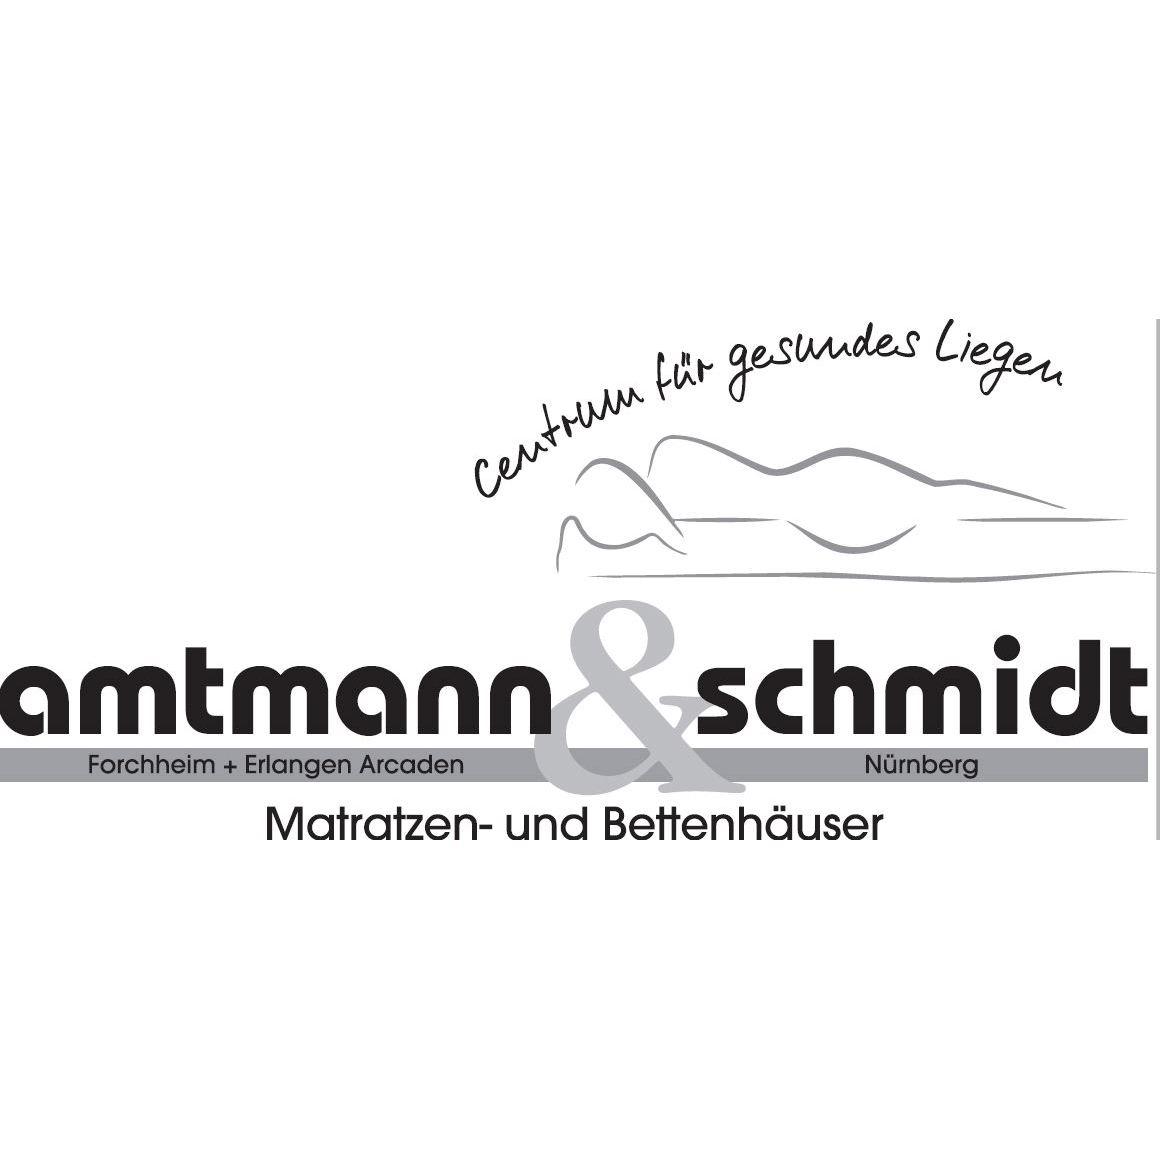 Enchanting Nürnberg Möbelhaus Ideas Of Amtmann & Schmidt, Matratzen- Und Bettenhäuser, Centrum